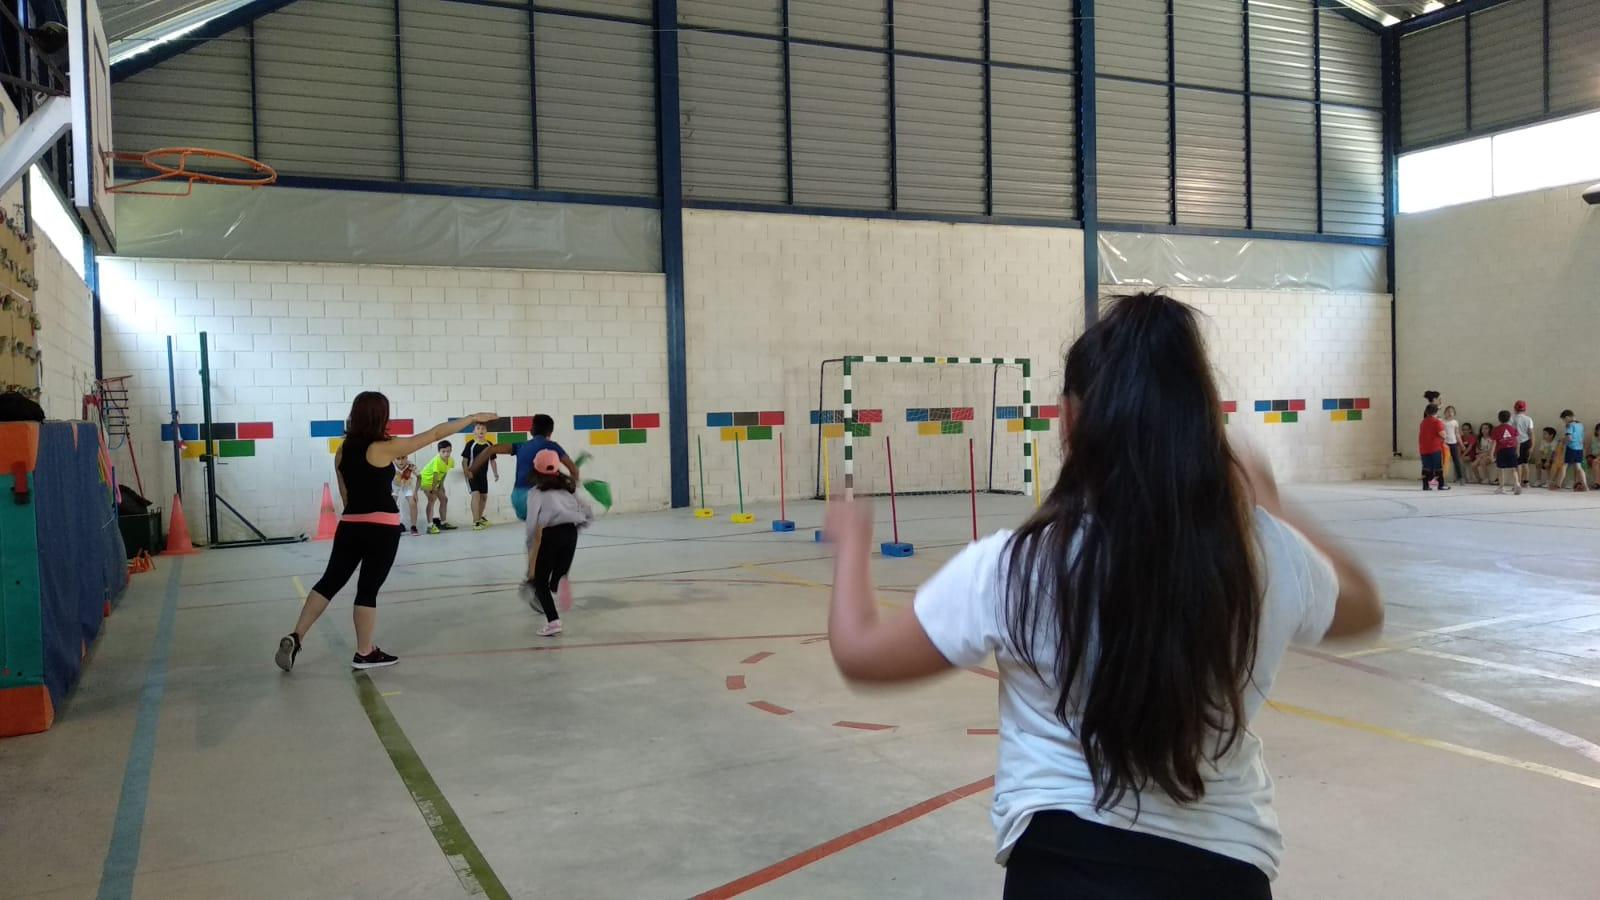 fiestafincurso2_18 (11)